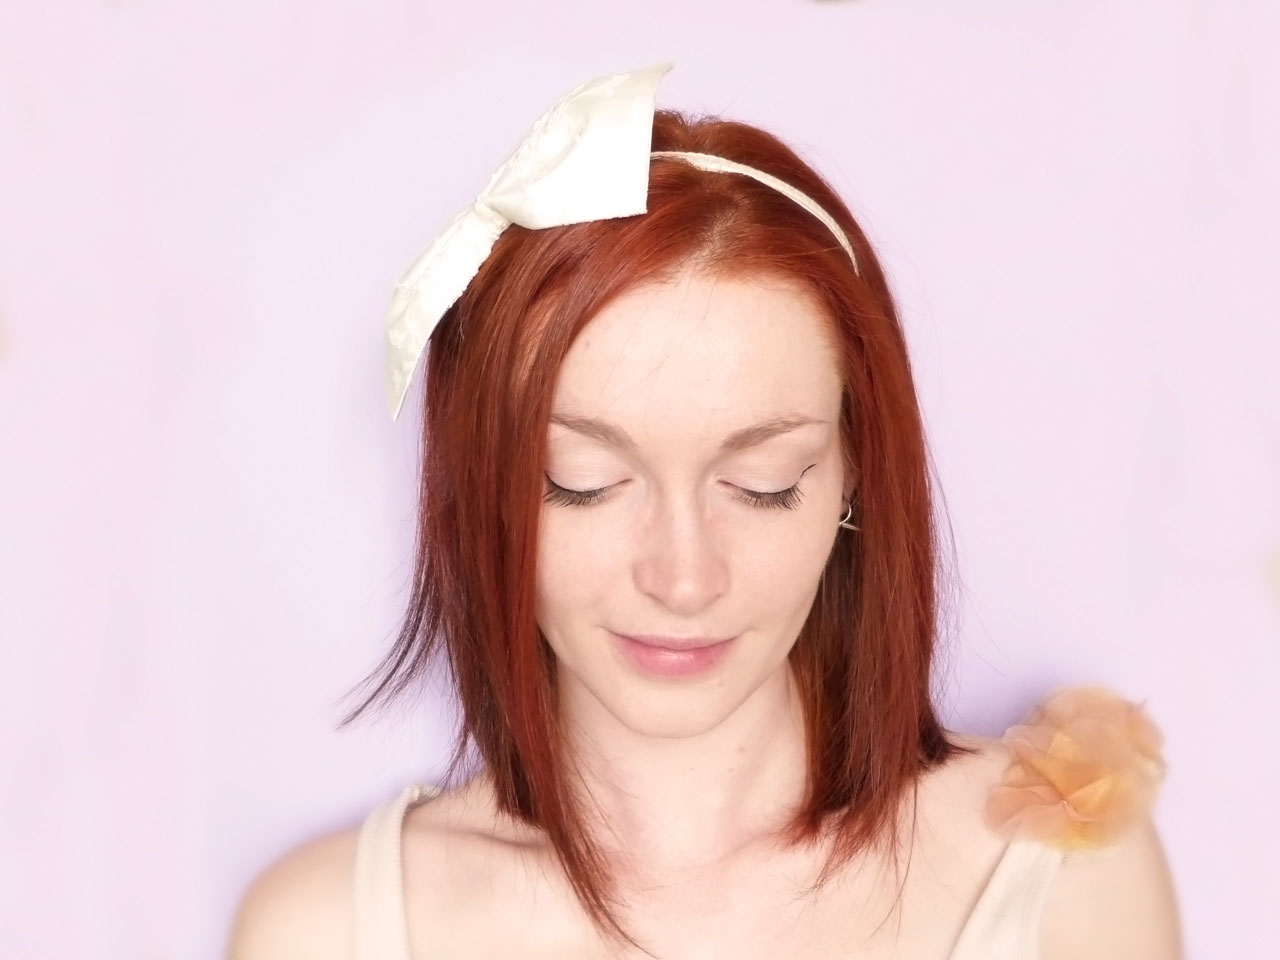 coiffure bouclee degradee idees de coiffures simples pour cheveux longs tendance brxtw. Black Bedroom Furniture Sets. Home Design Ideas